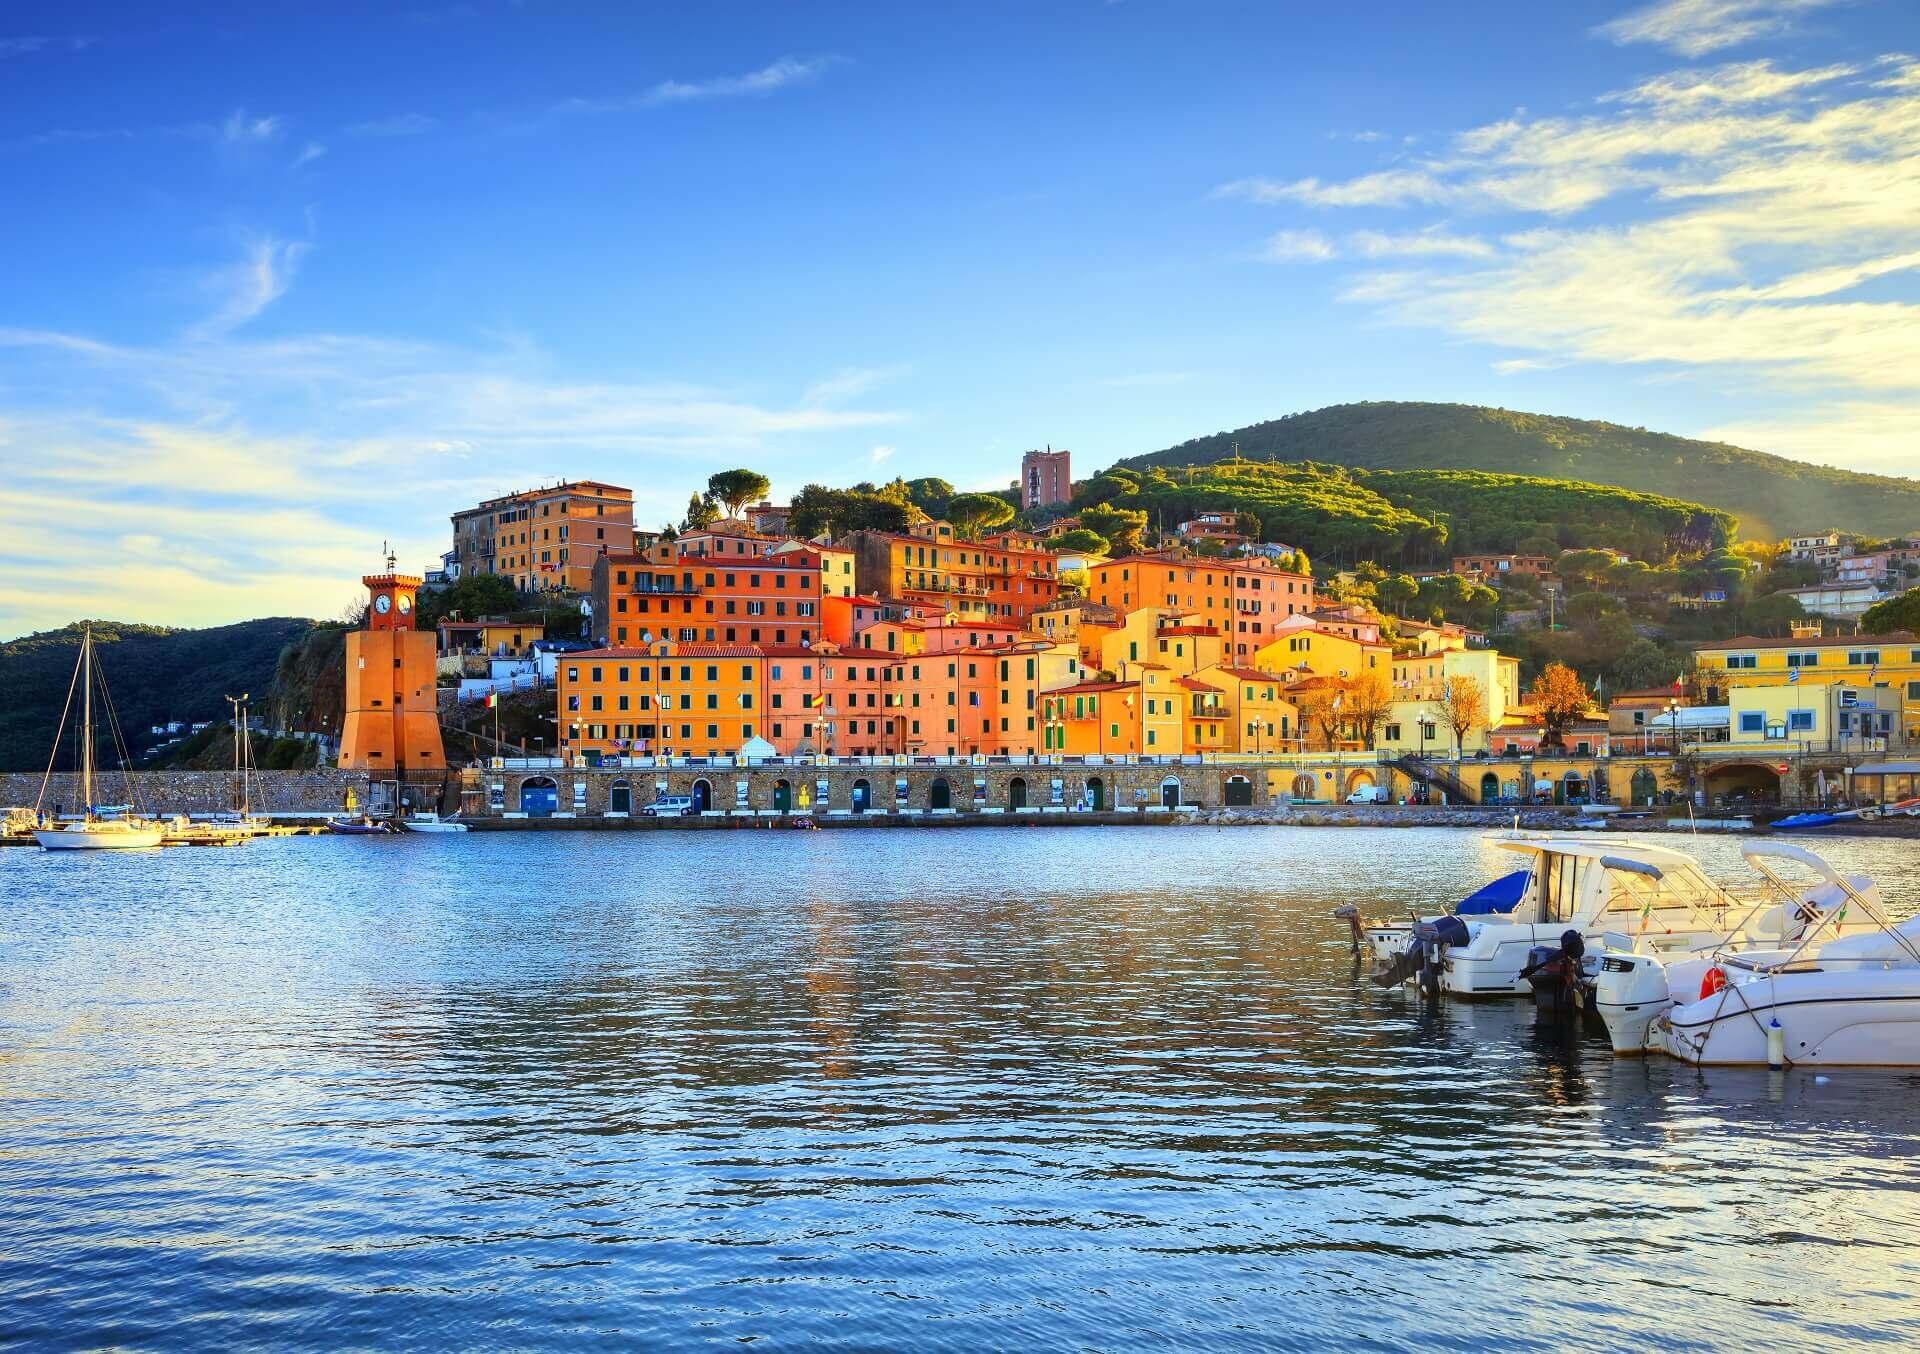 das Dorf Rio Marina auf Elba besticht mit seiner Architektur